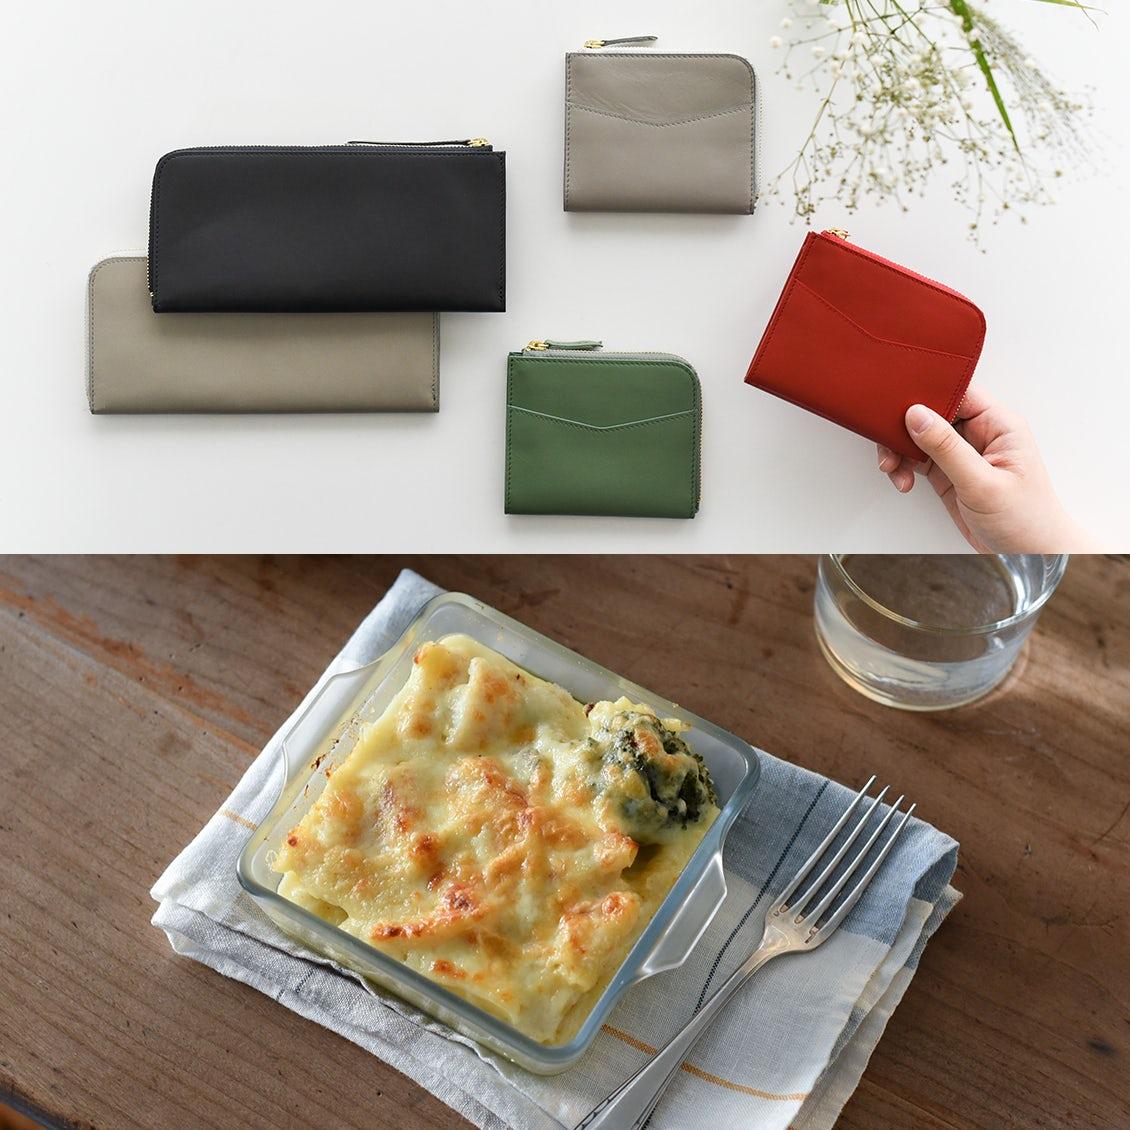 【新商品】スリムだけど大容量!オリジナルの「本革財布」と、汚れがスルッと落ちる「ガラスの耐熱皿」が新登場です!